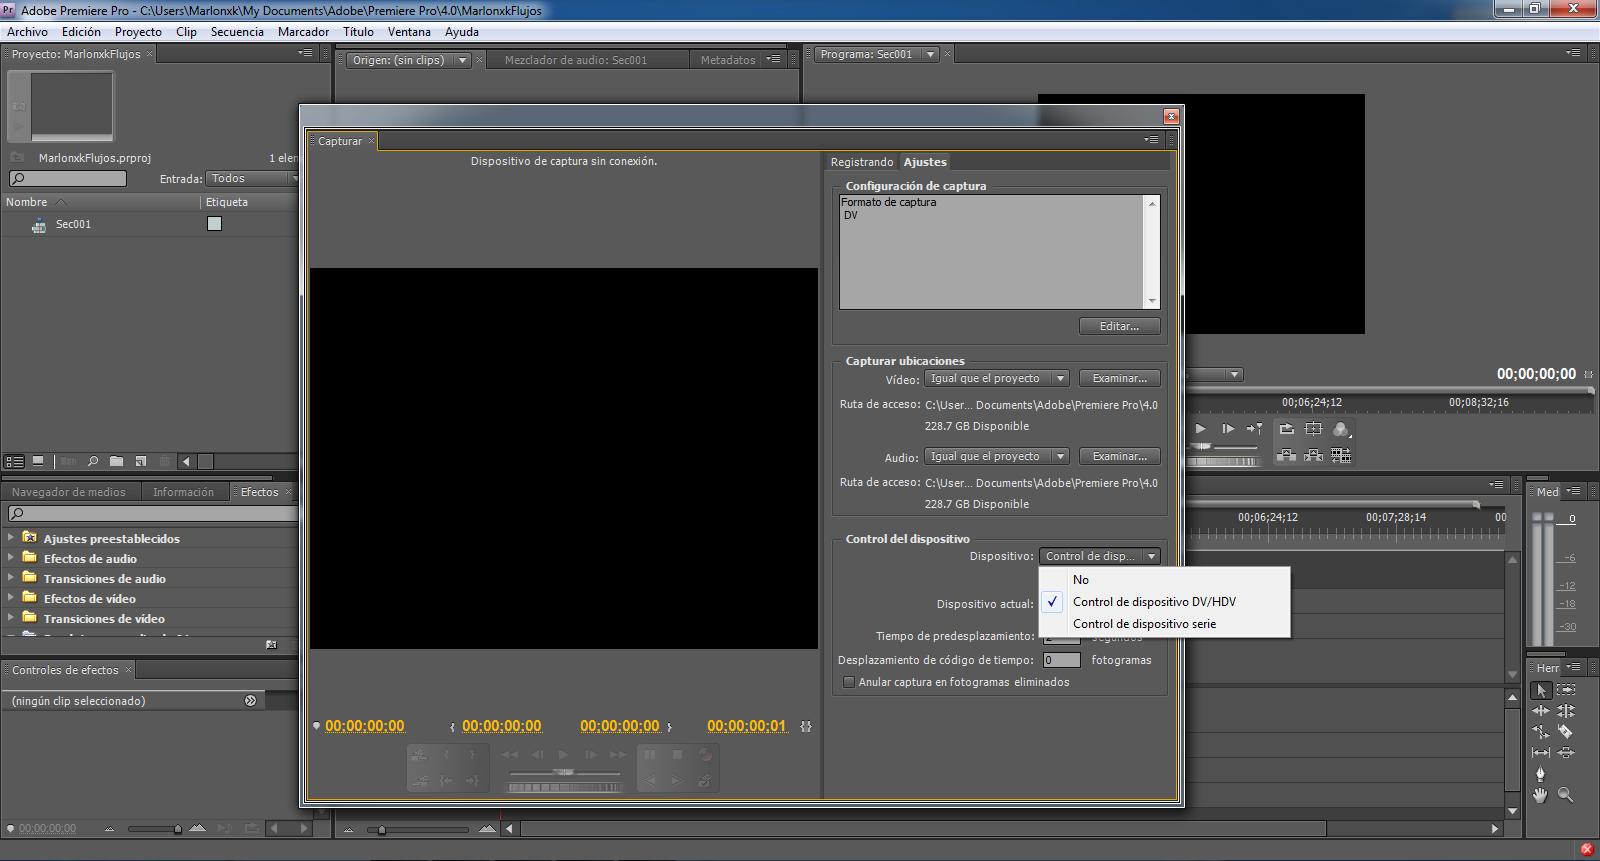 Cómo importar y exportar Videos en Adobe Premiere